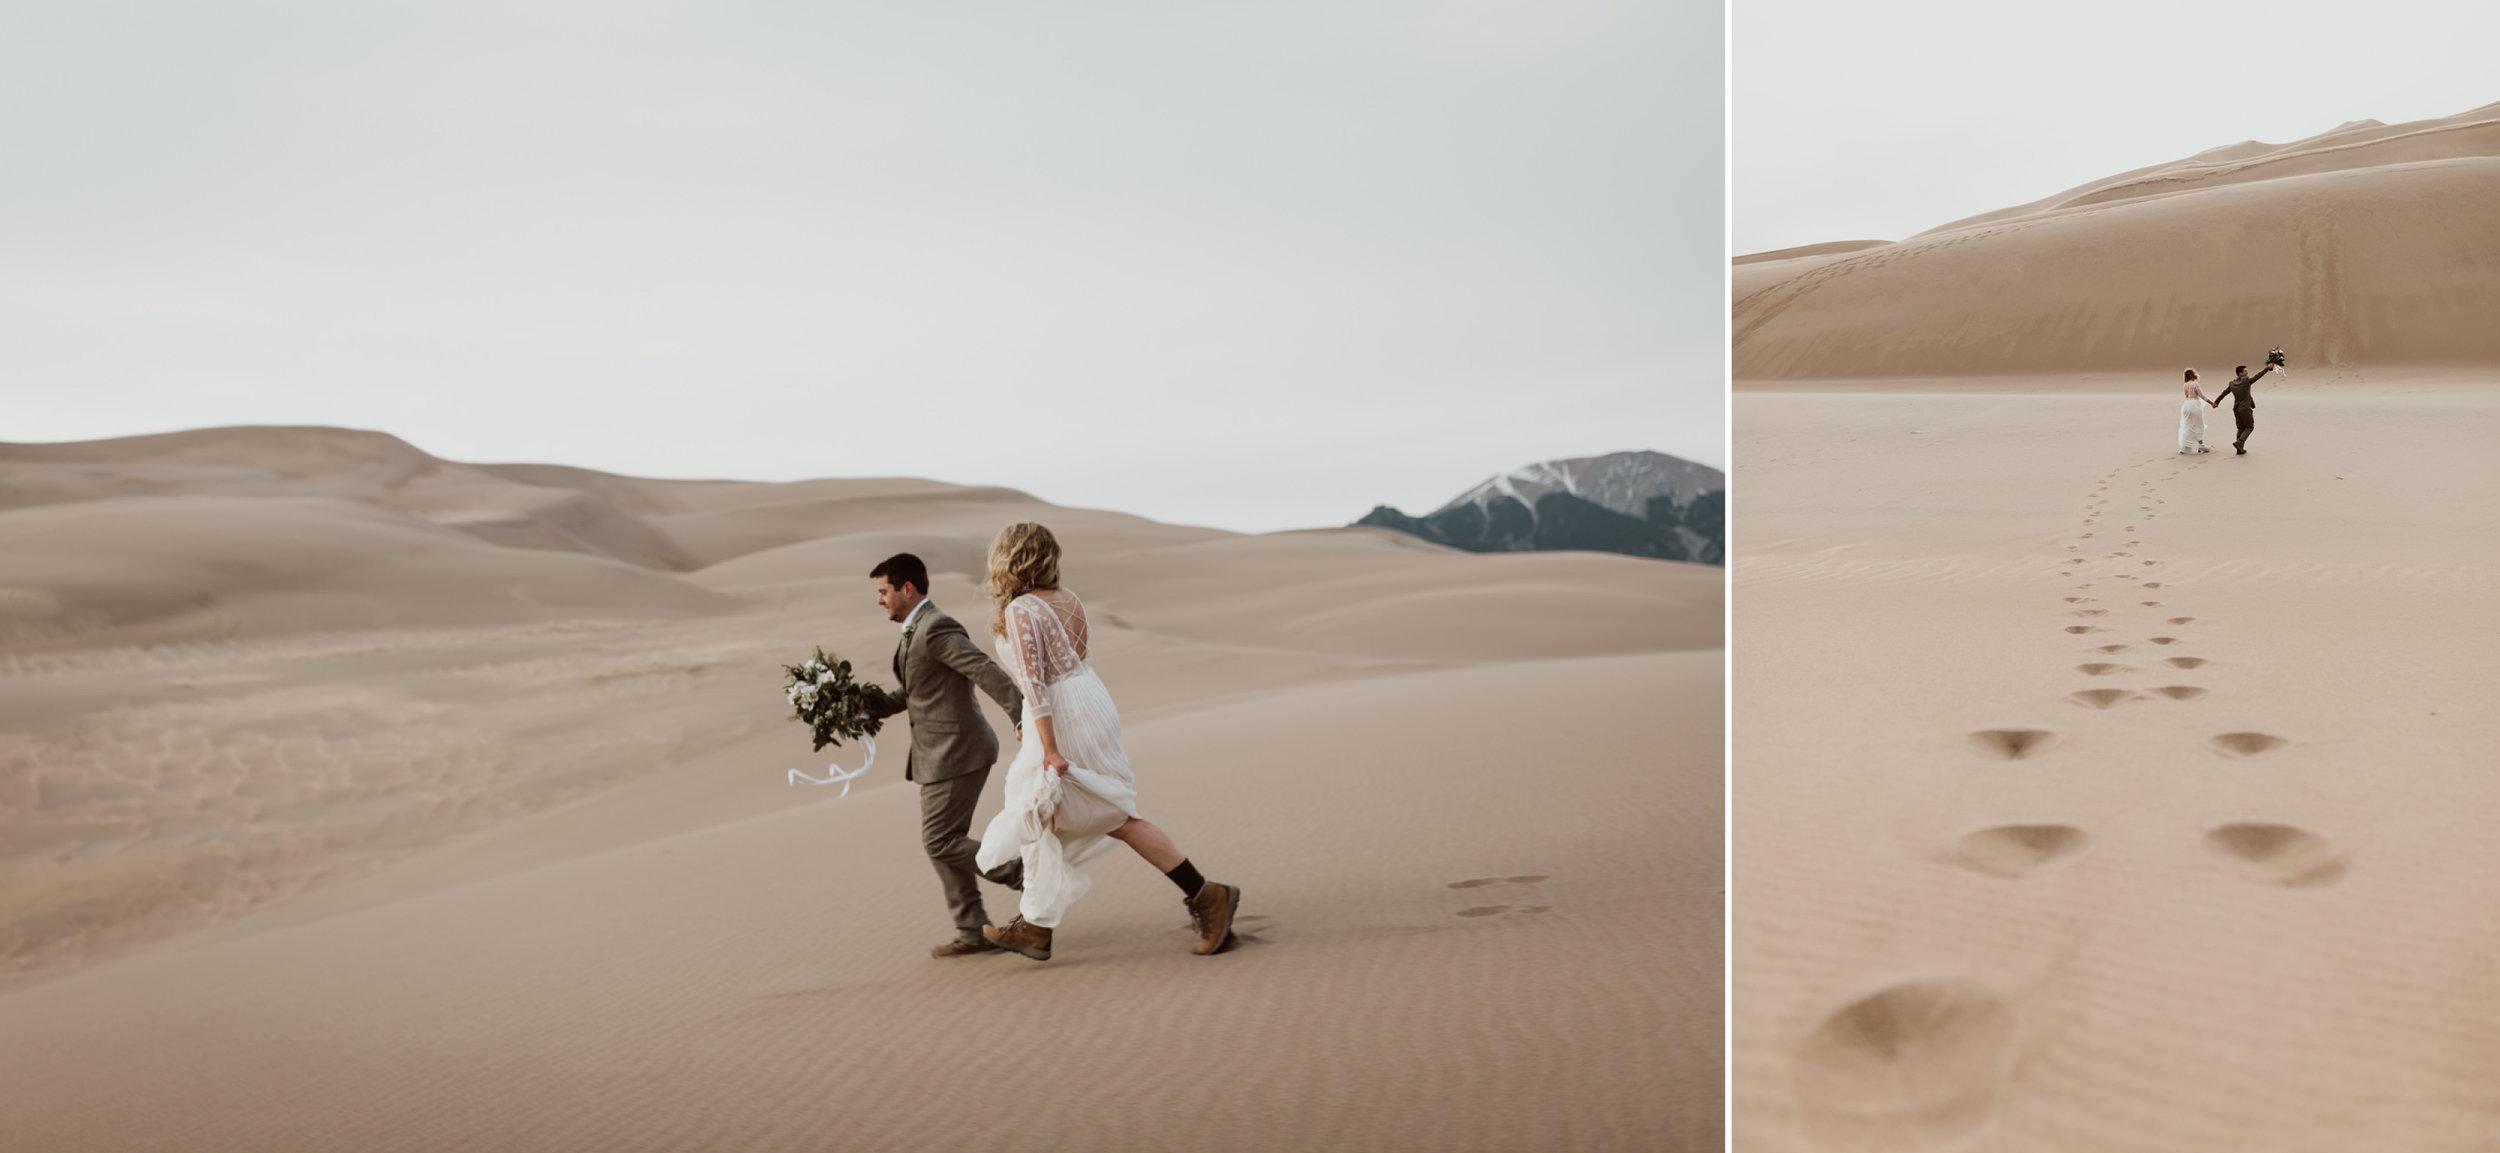 great-sand-dunes-elopement-126.jpg